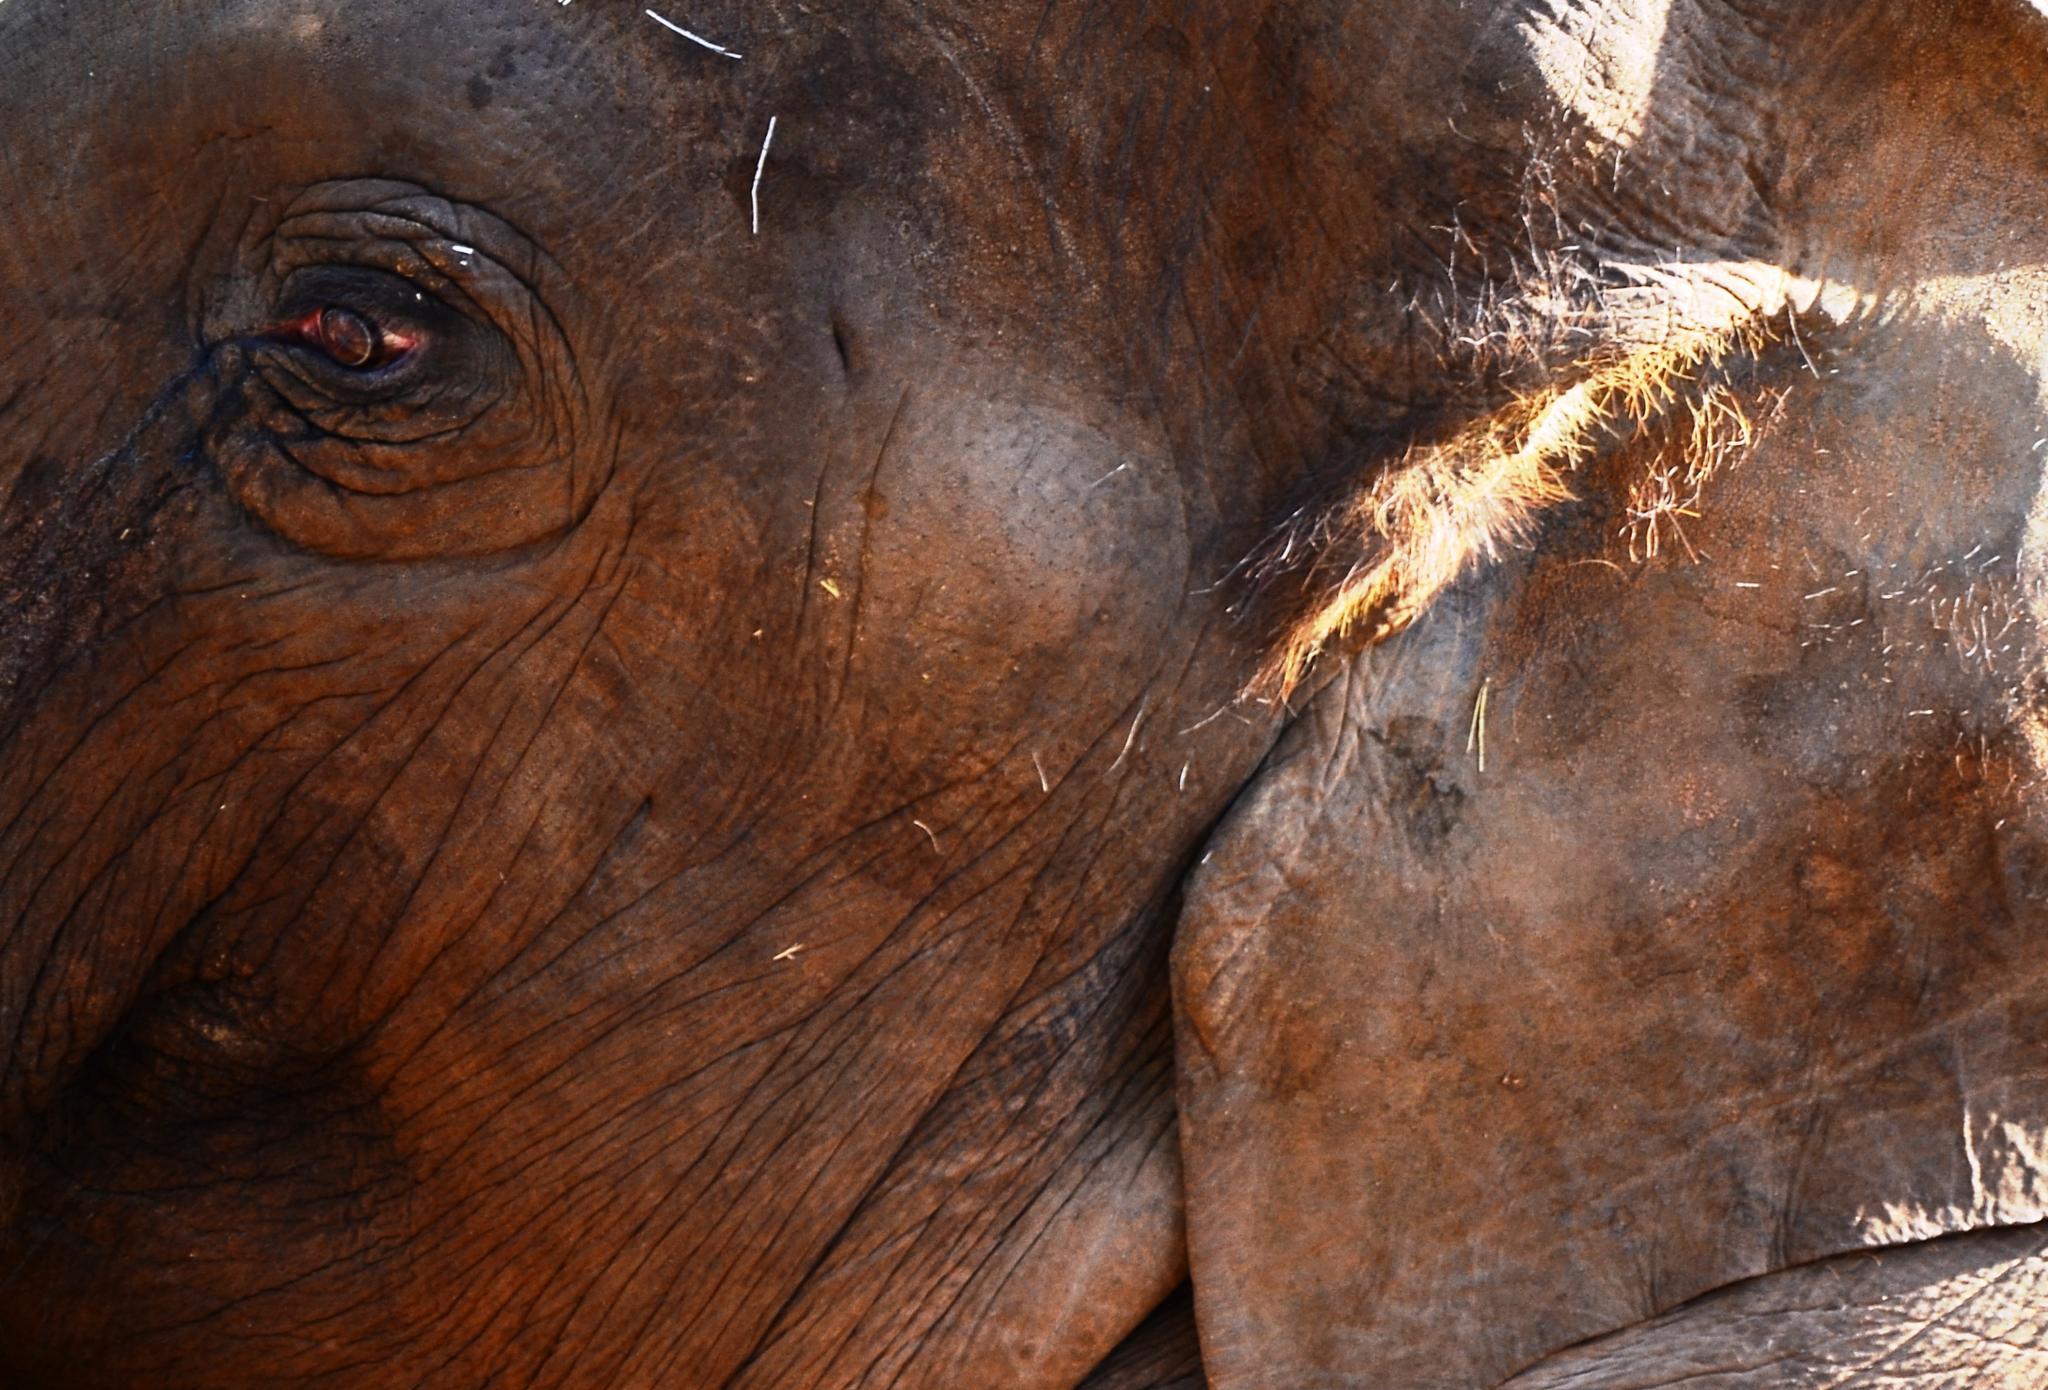 elephant by Emel Kıraç